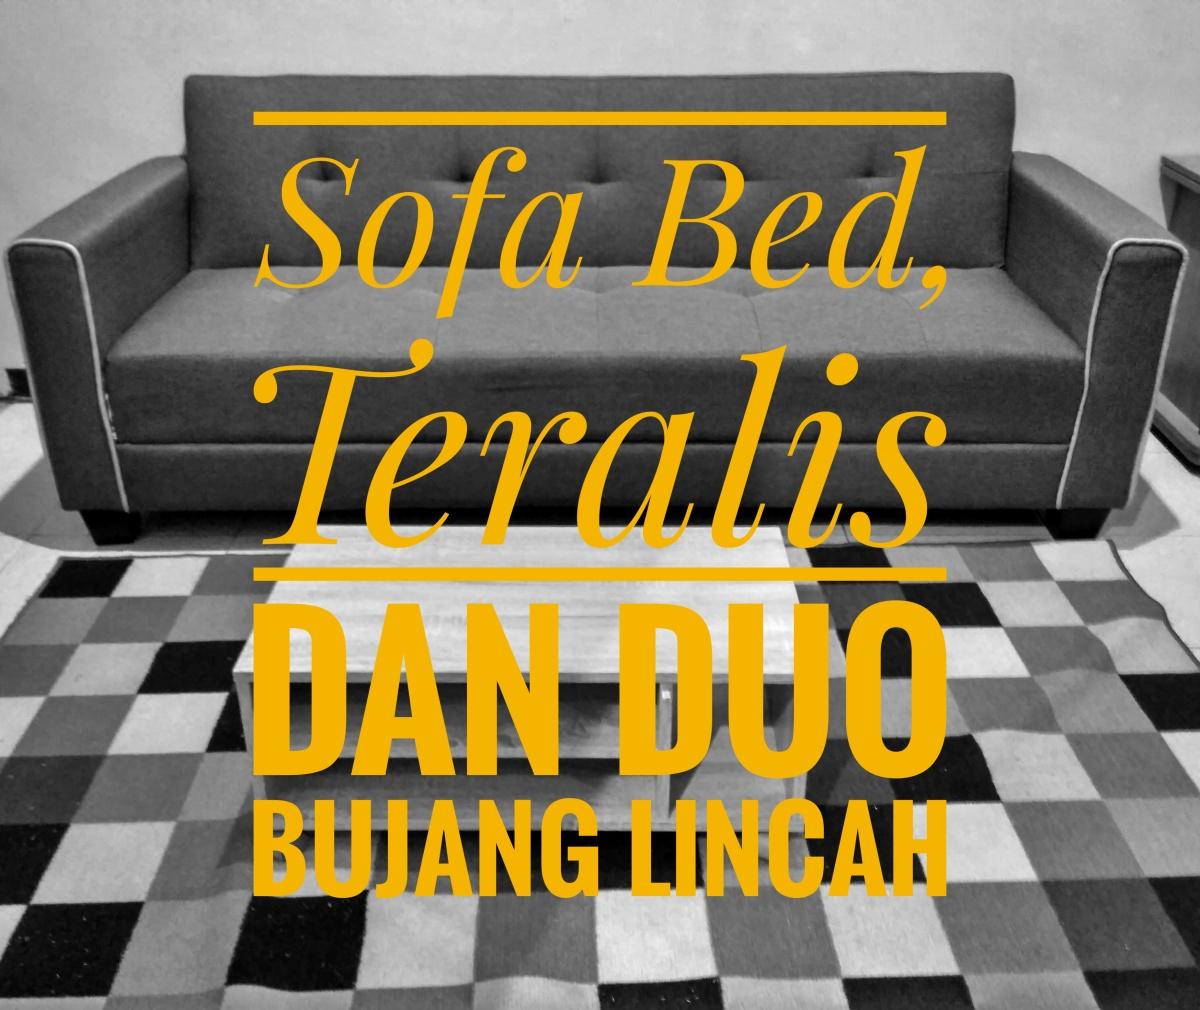 Sofa Bed, Teralis dan Duo BujangLincah